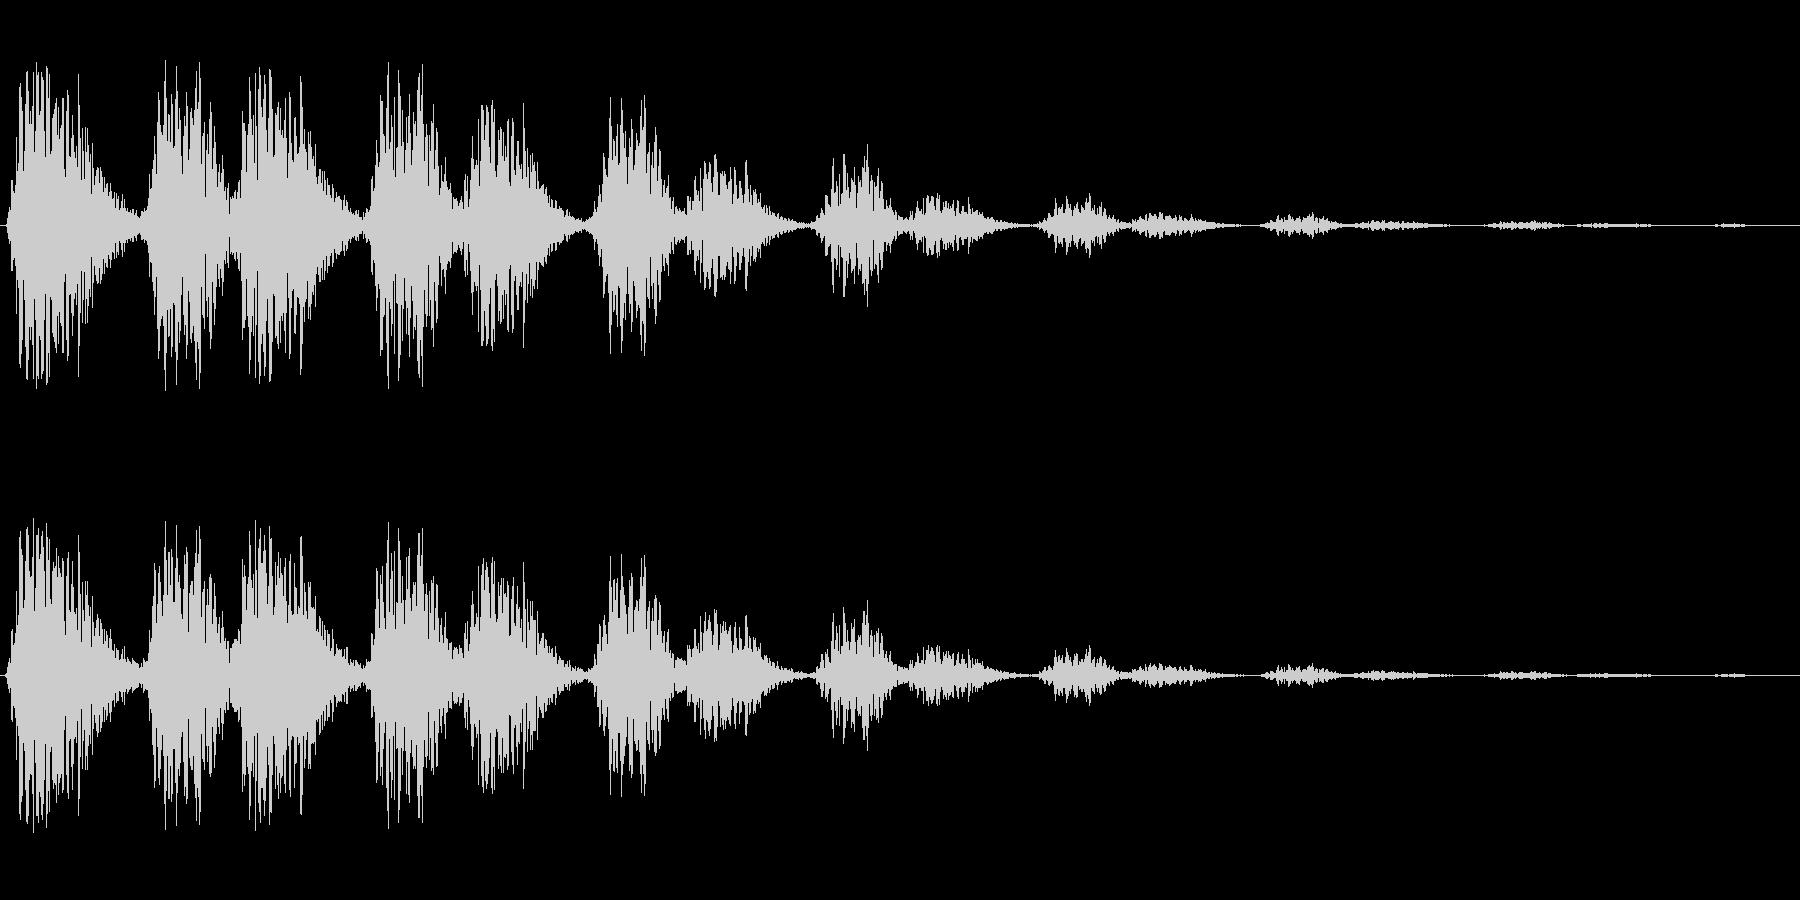 ビヨビヨ(伸びたバネのような音)の未再生の波形